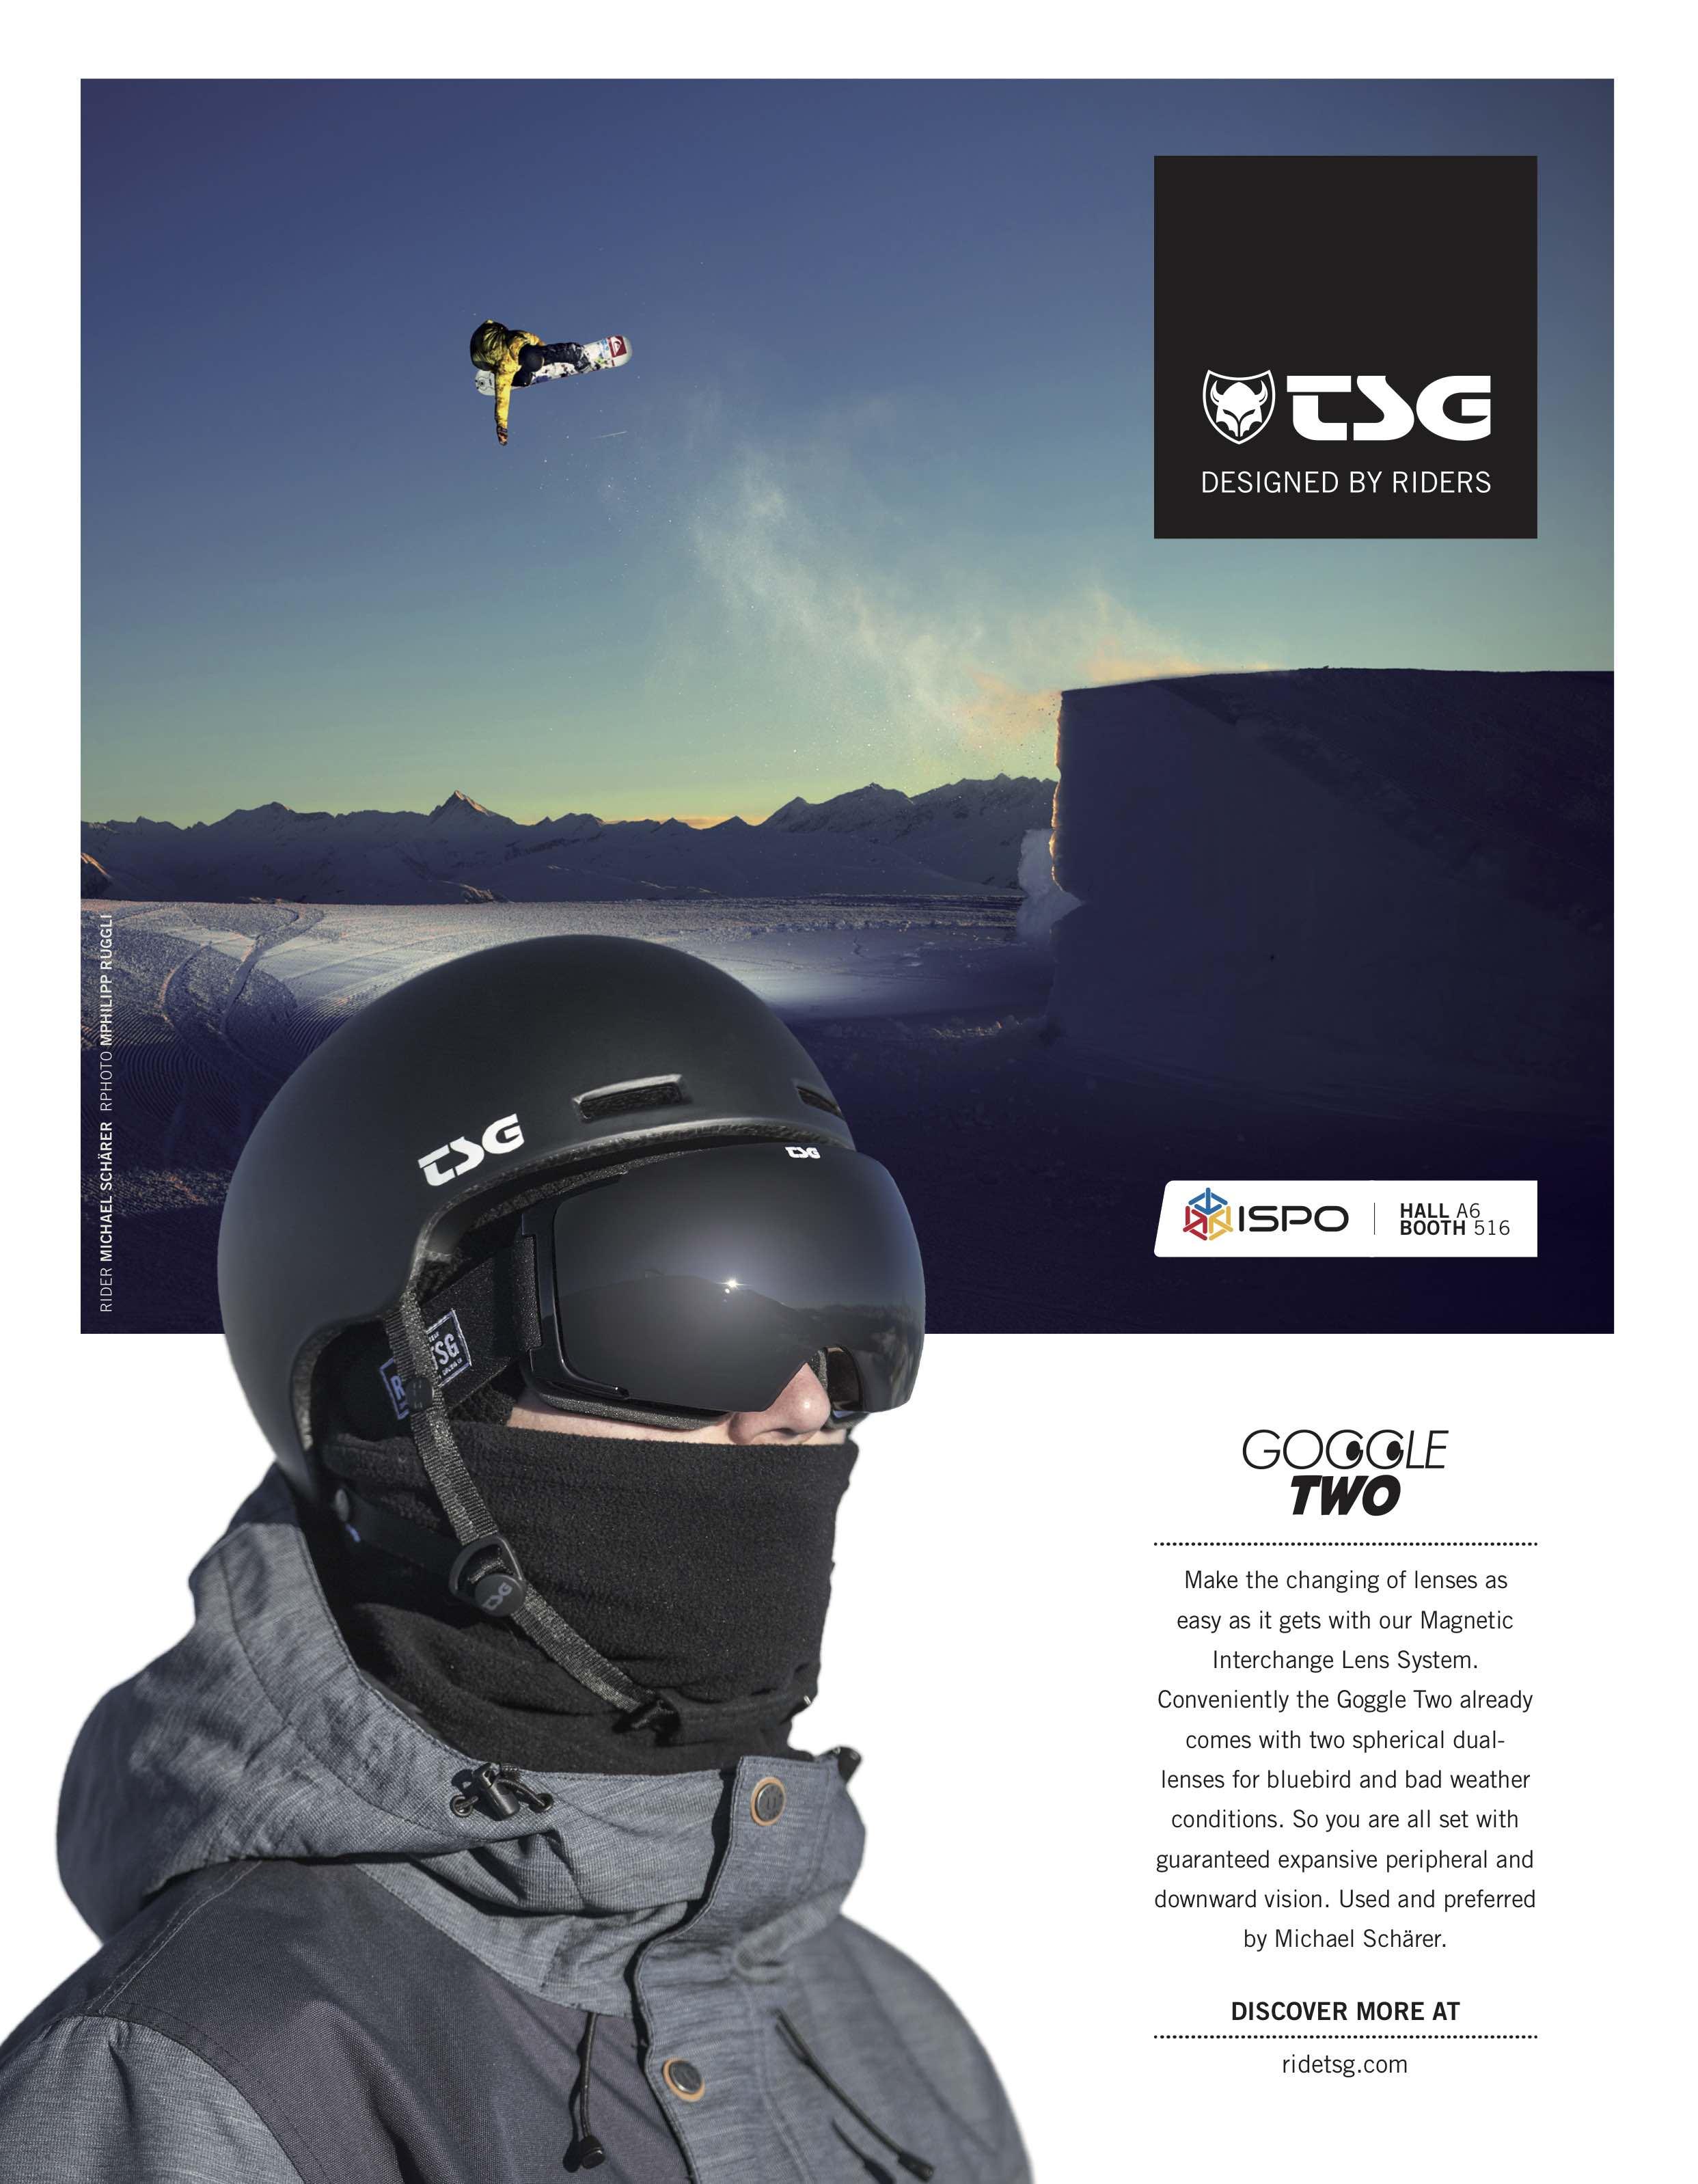 698486c5ab13 TSG Goggles FW17 18 Preview - Boardsport SOURCE